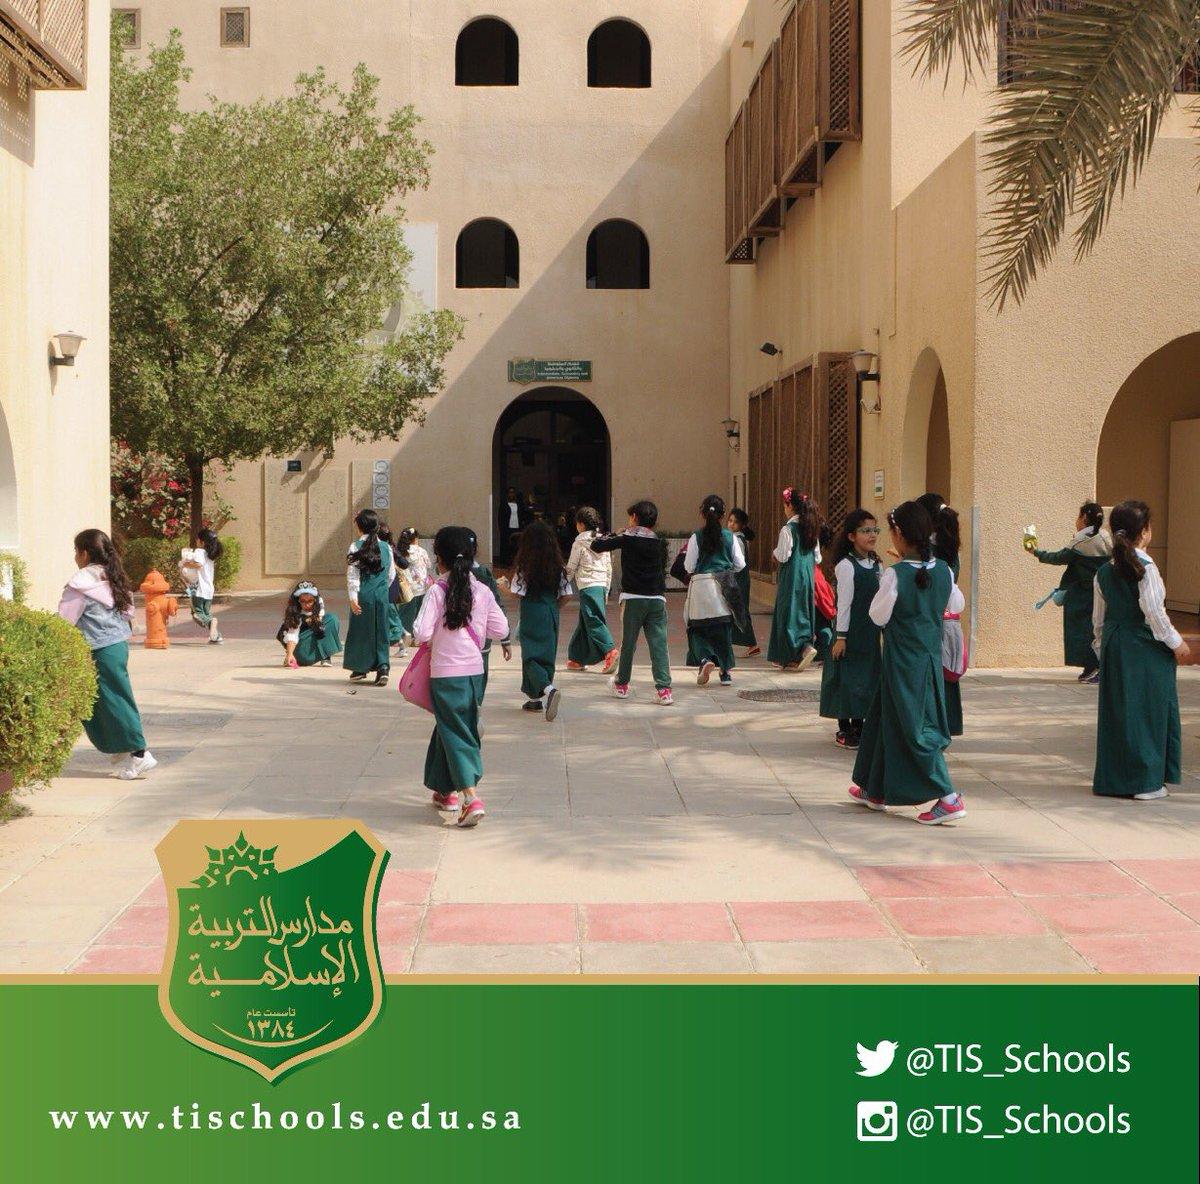 رسوم مدارس التربية الإسلامية بالسعودية